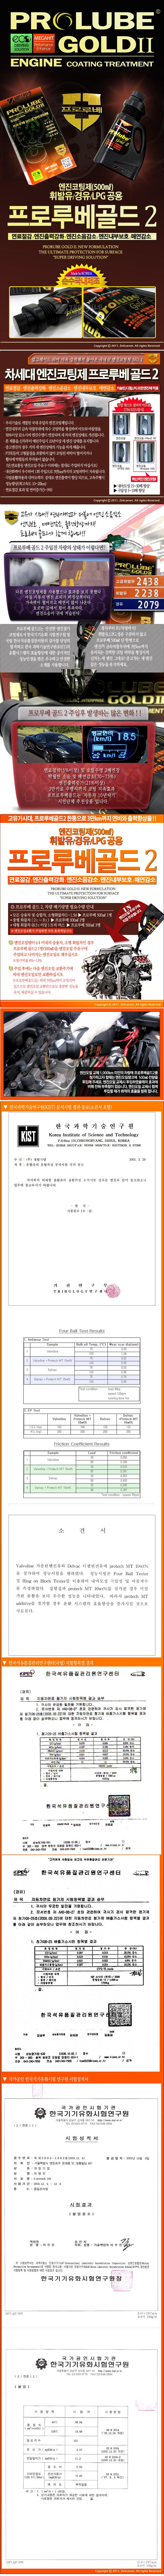 엔진코팅제 - Up Grade 프로루베골드2 (500ml) _ 연료절감.출력증강